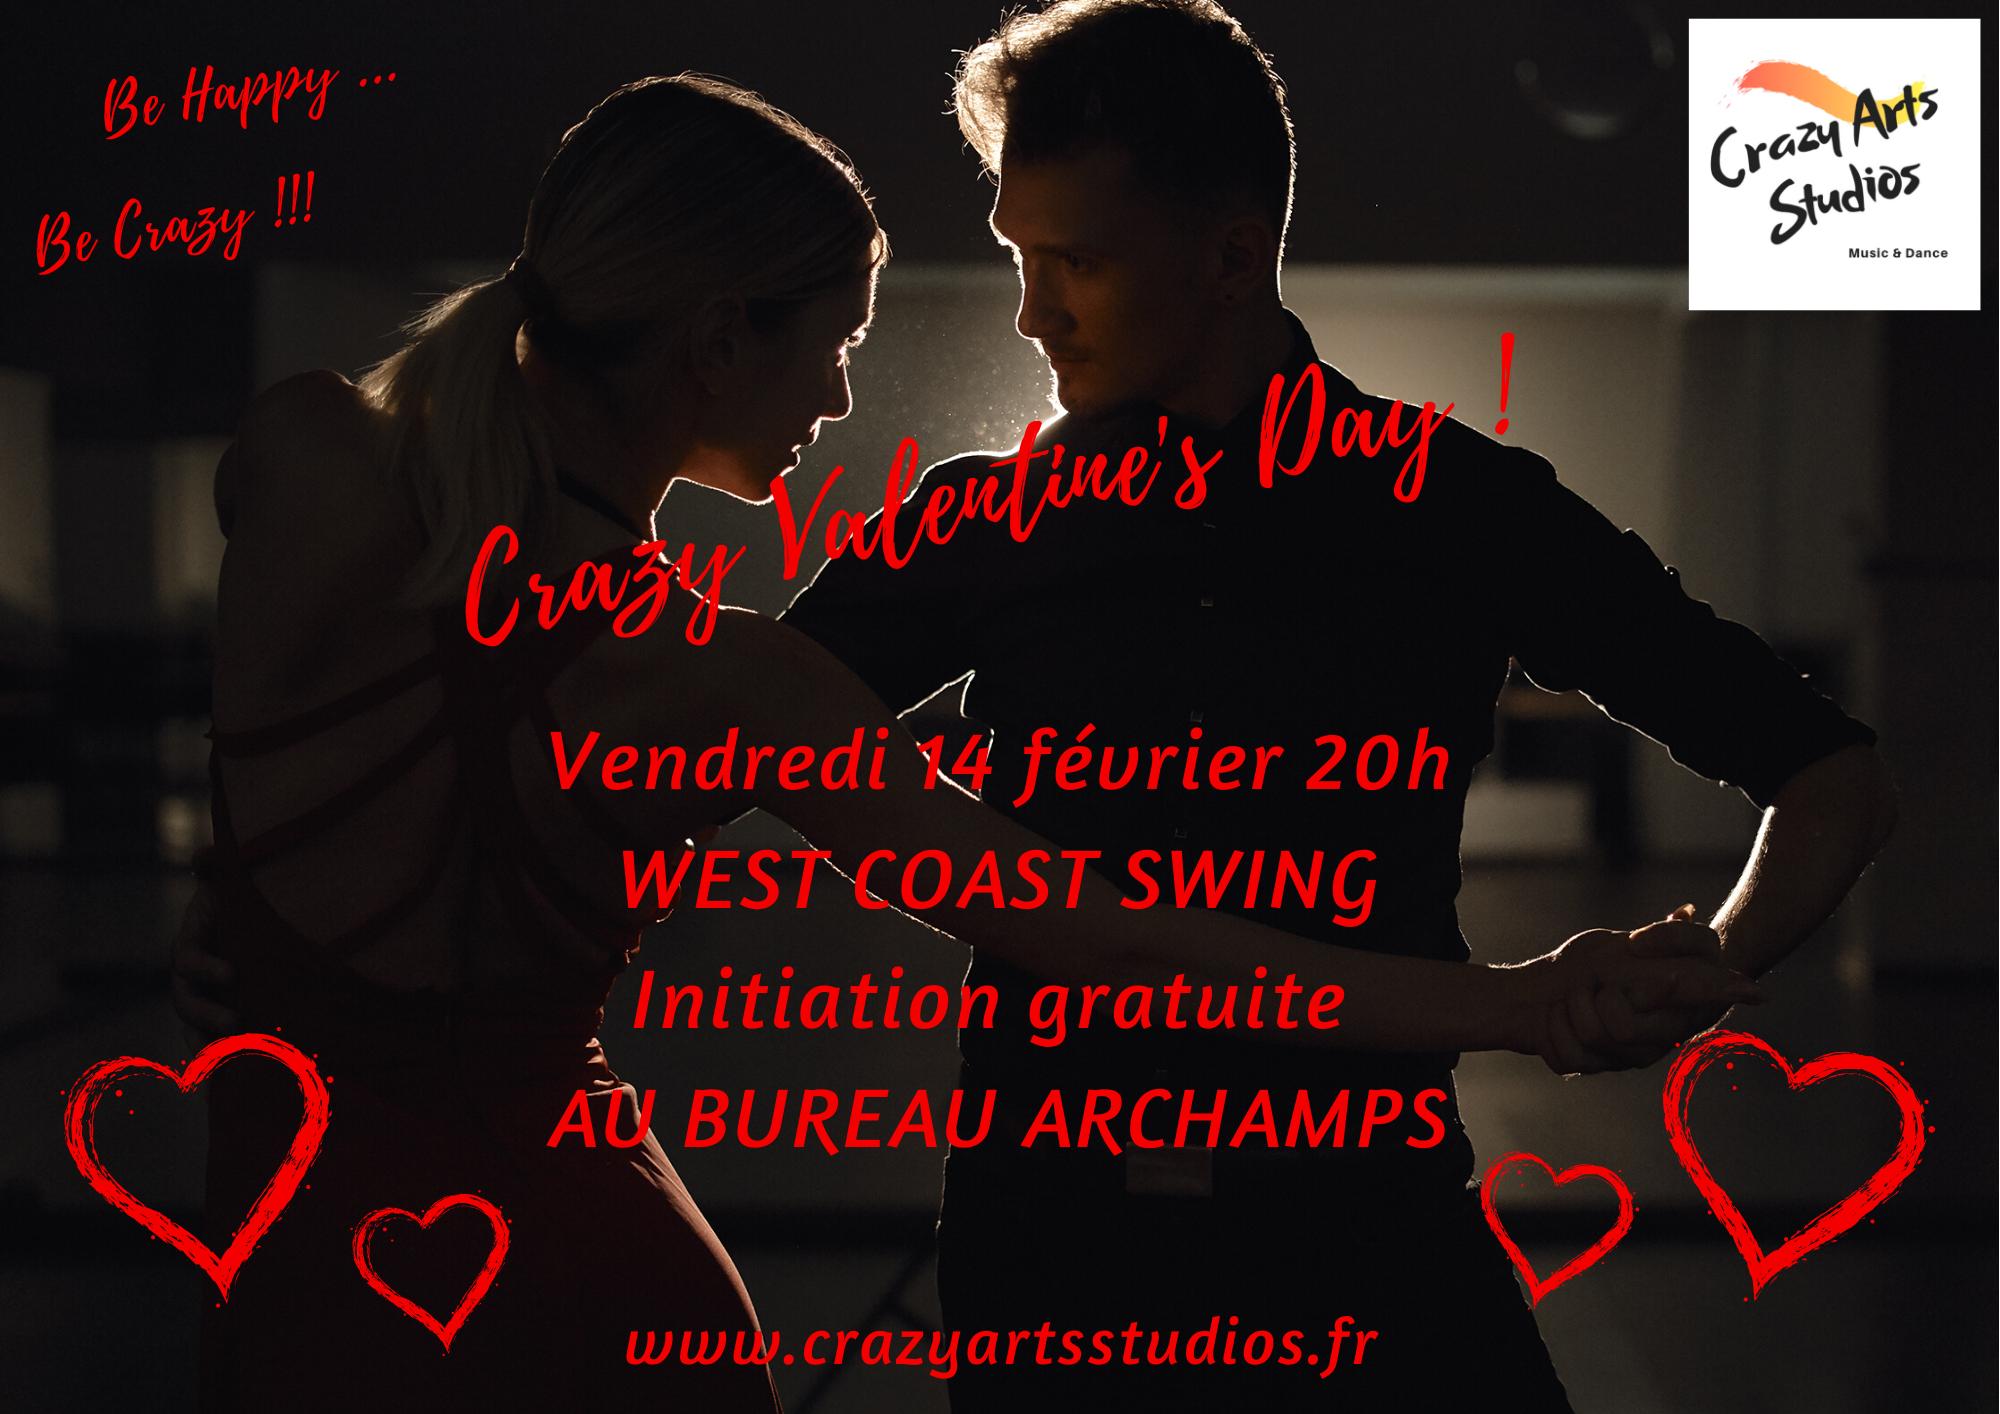 Bonne Saint-Valentin West Coast Swing Genève Archamps !